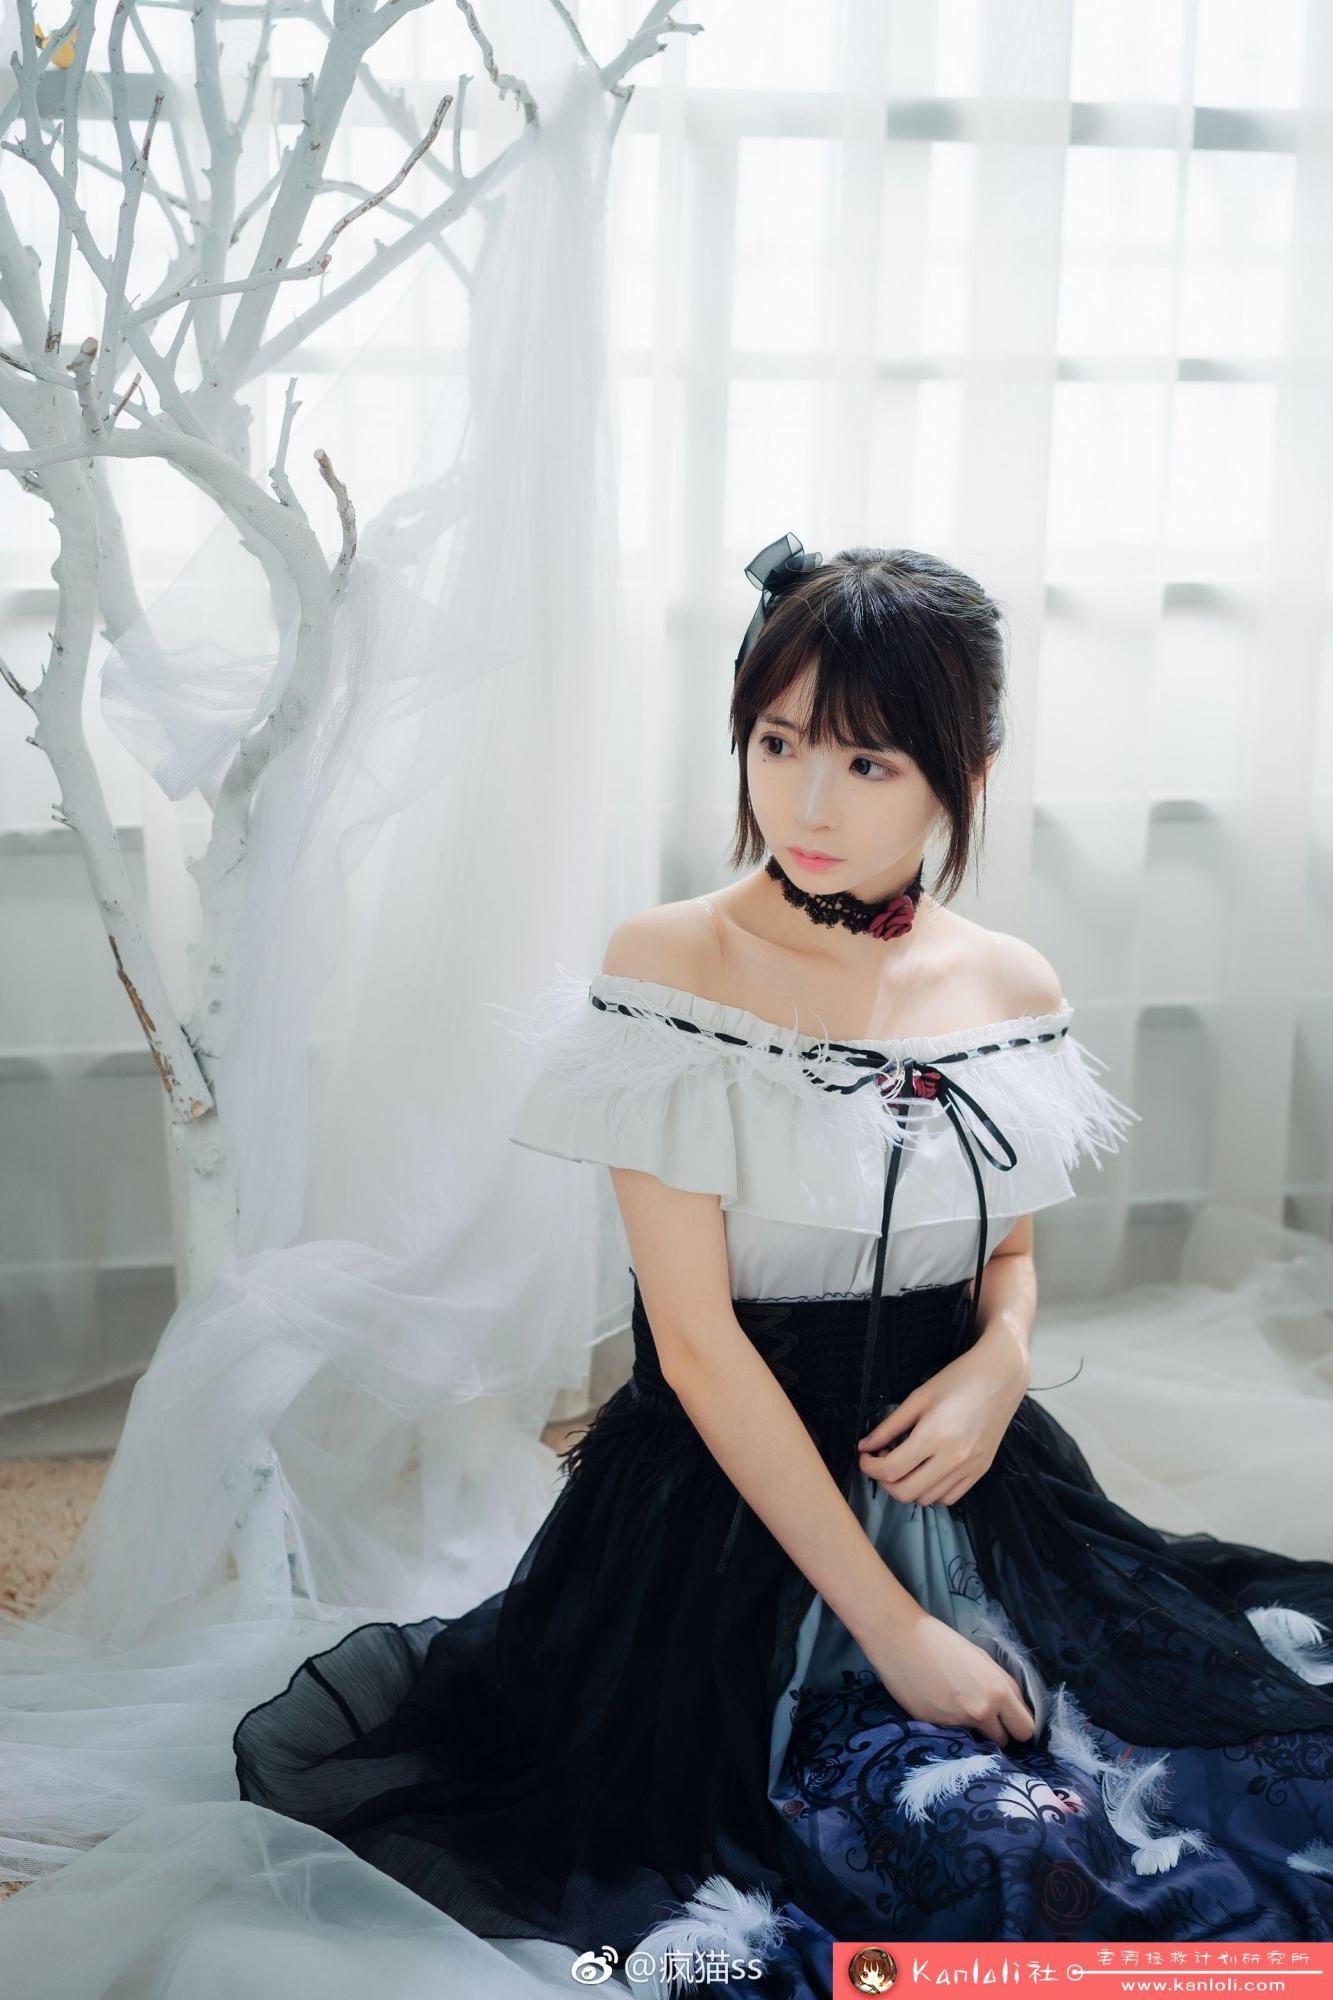 【疯猫ss】疯猫ss写真-FM-004 仙气的可爱露肩裙 [8P]